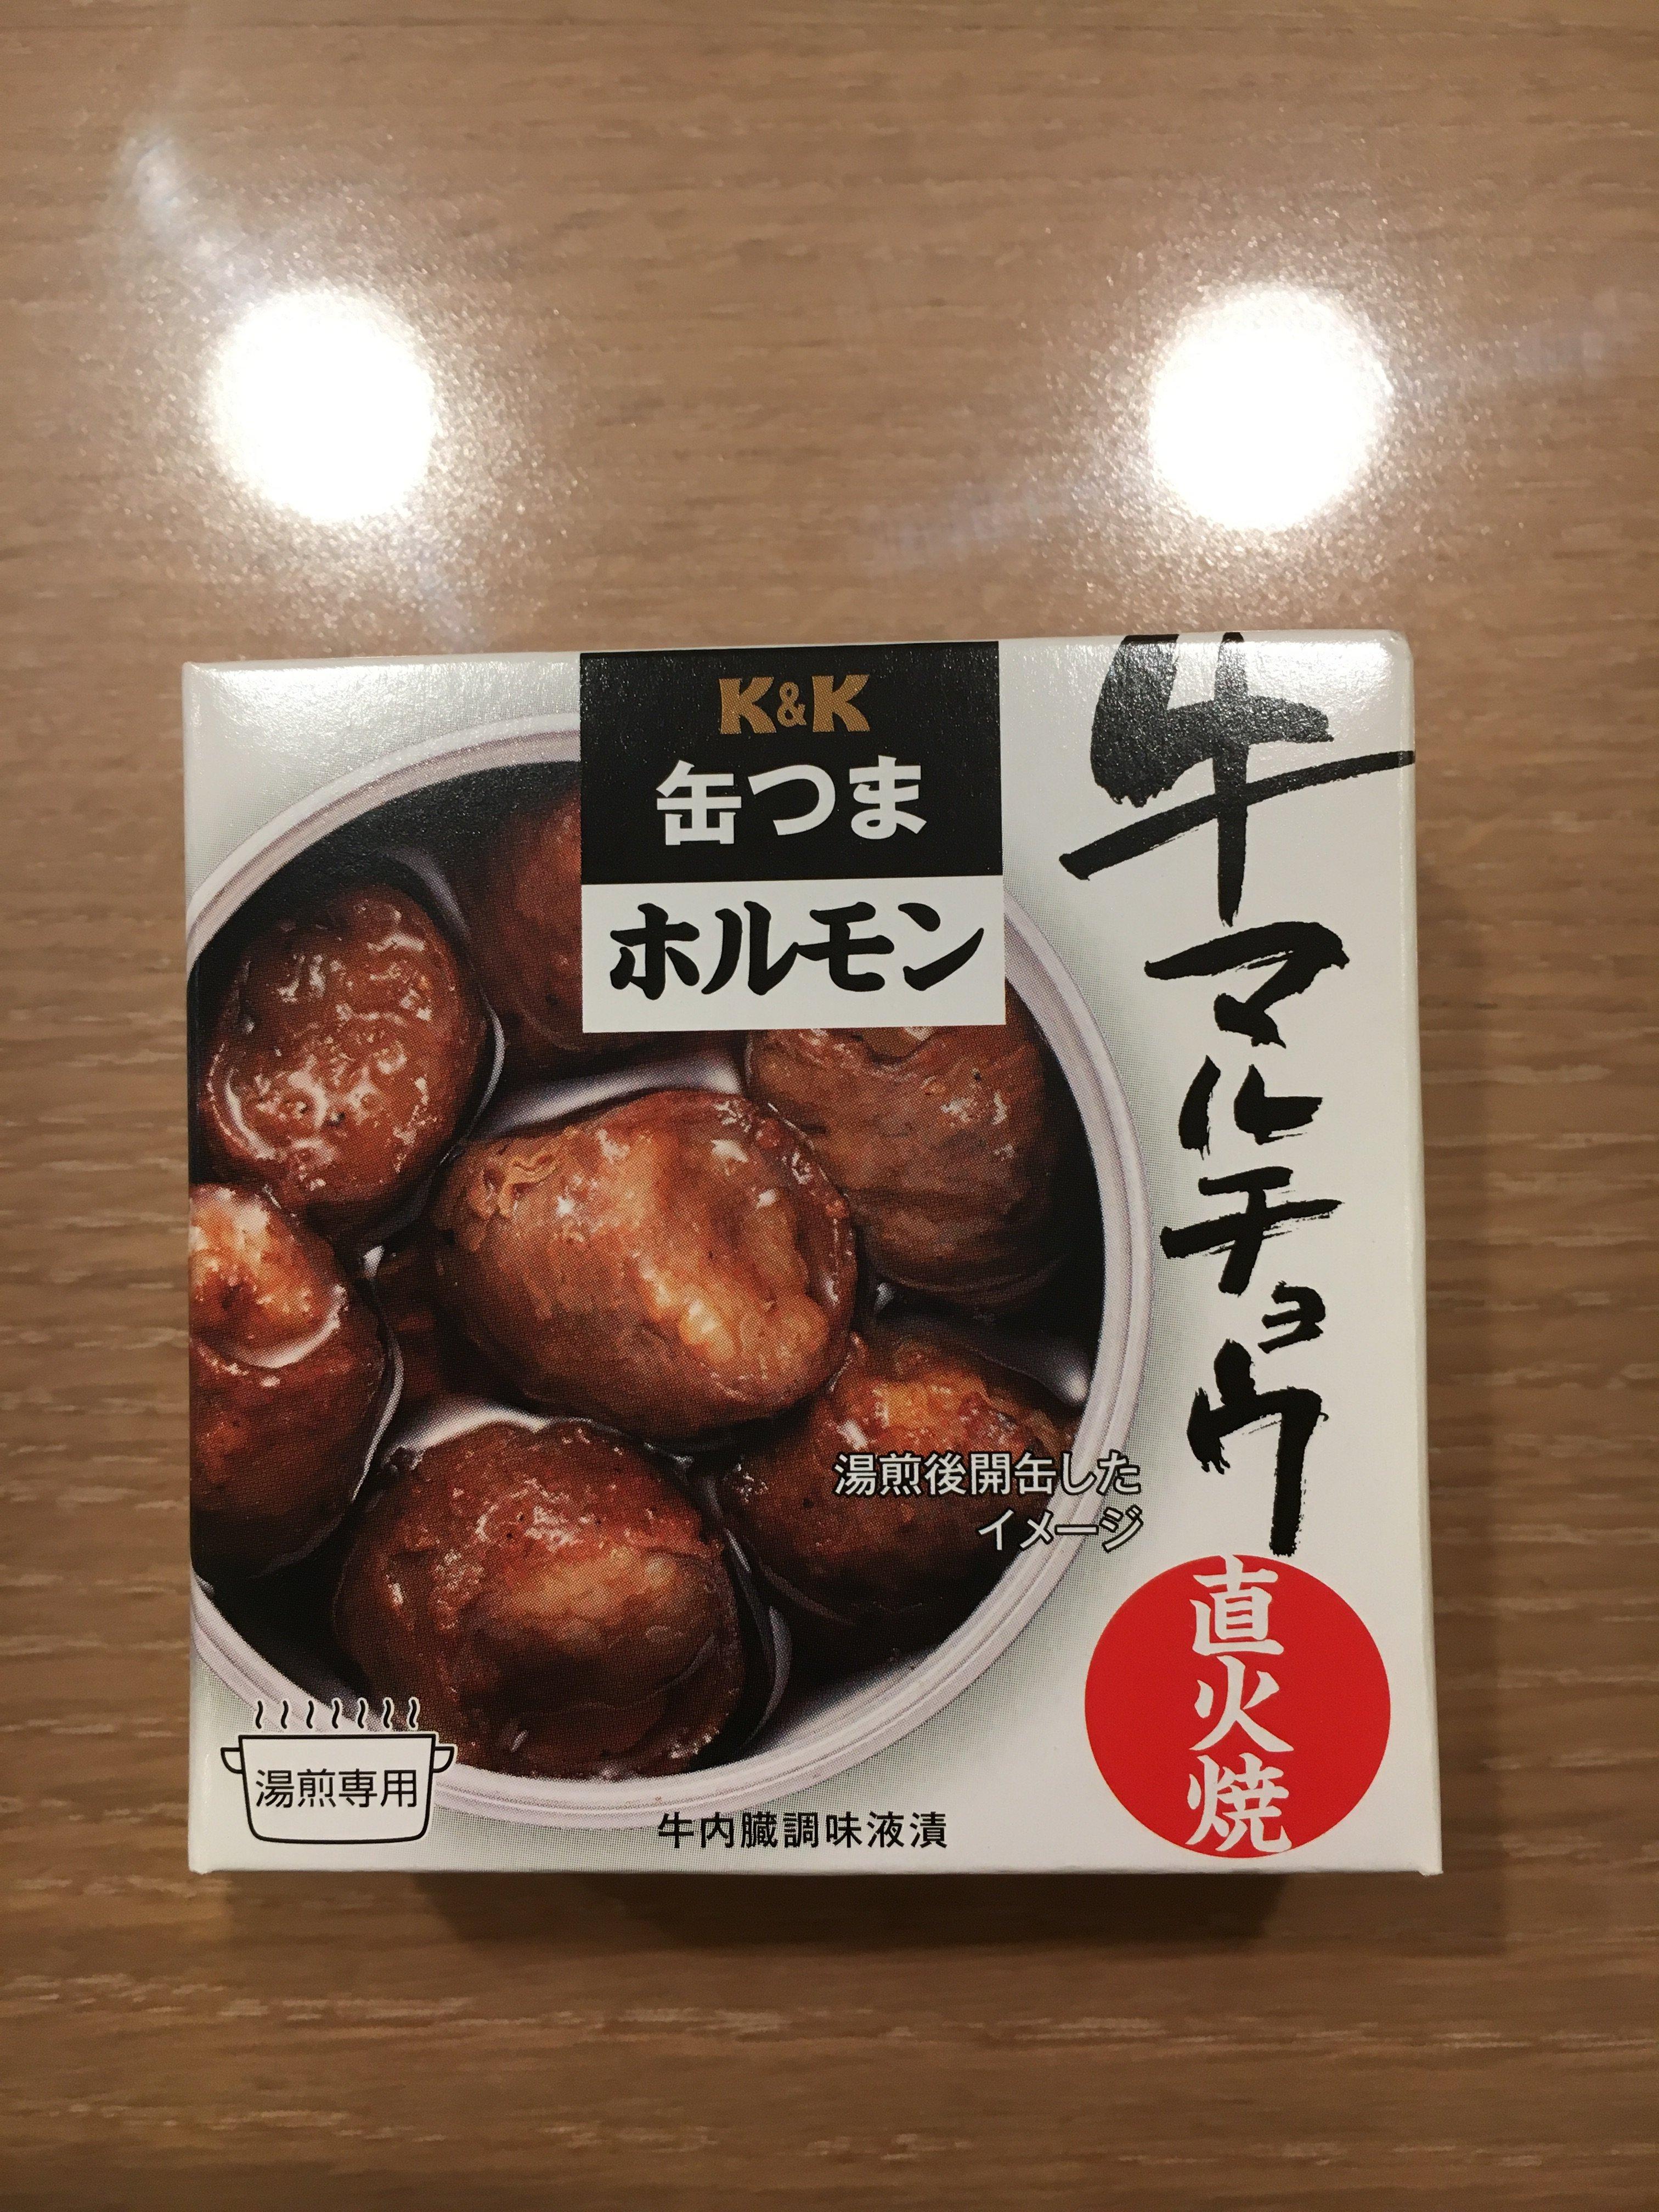 K&K 缶つまホルモン 牛マルチョウ 直火焼き 正直微妙